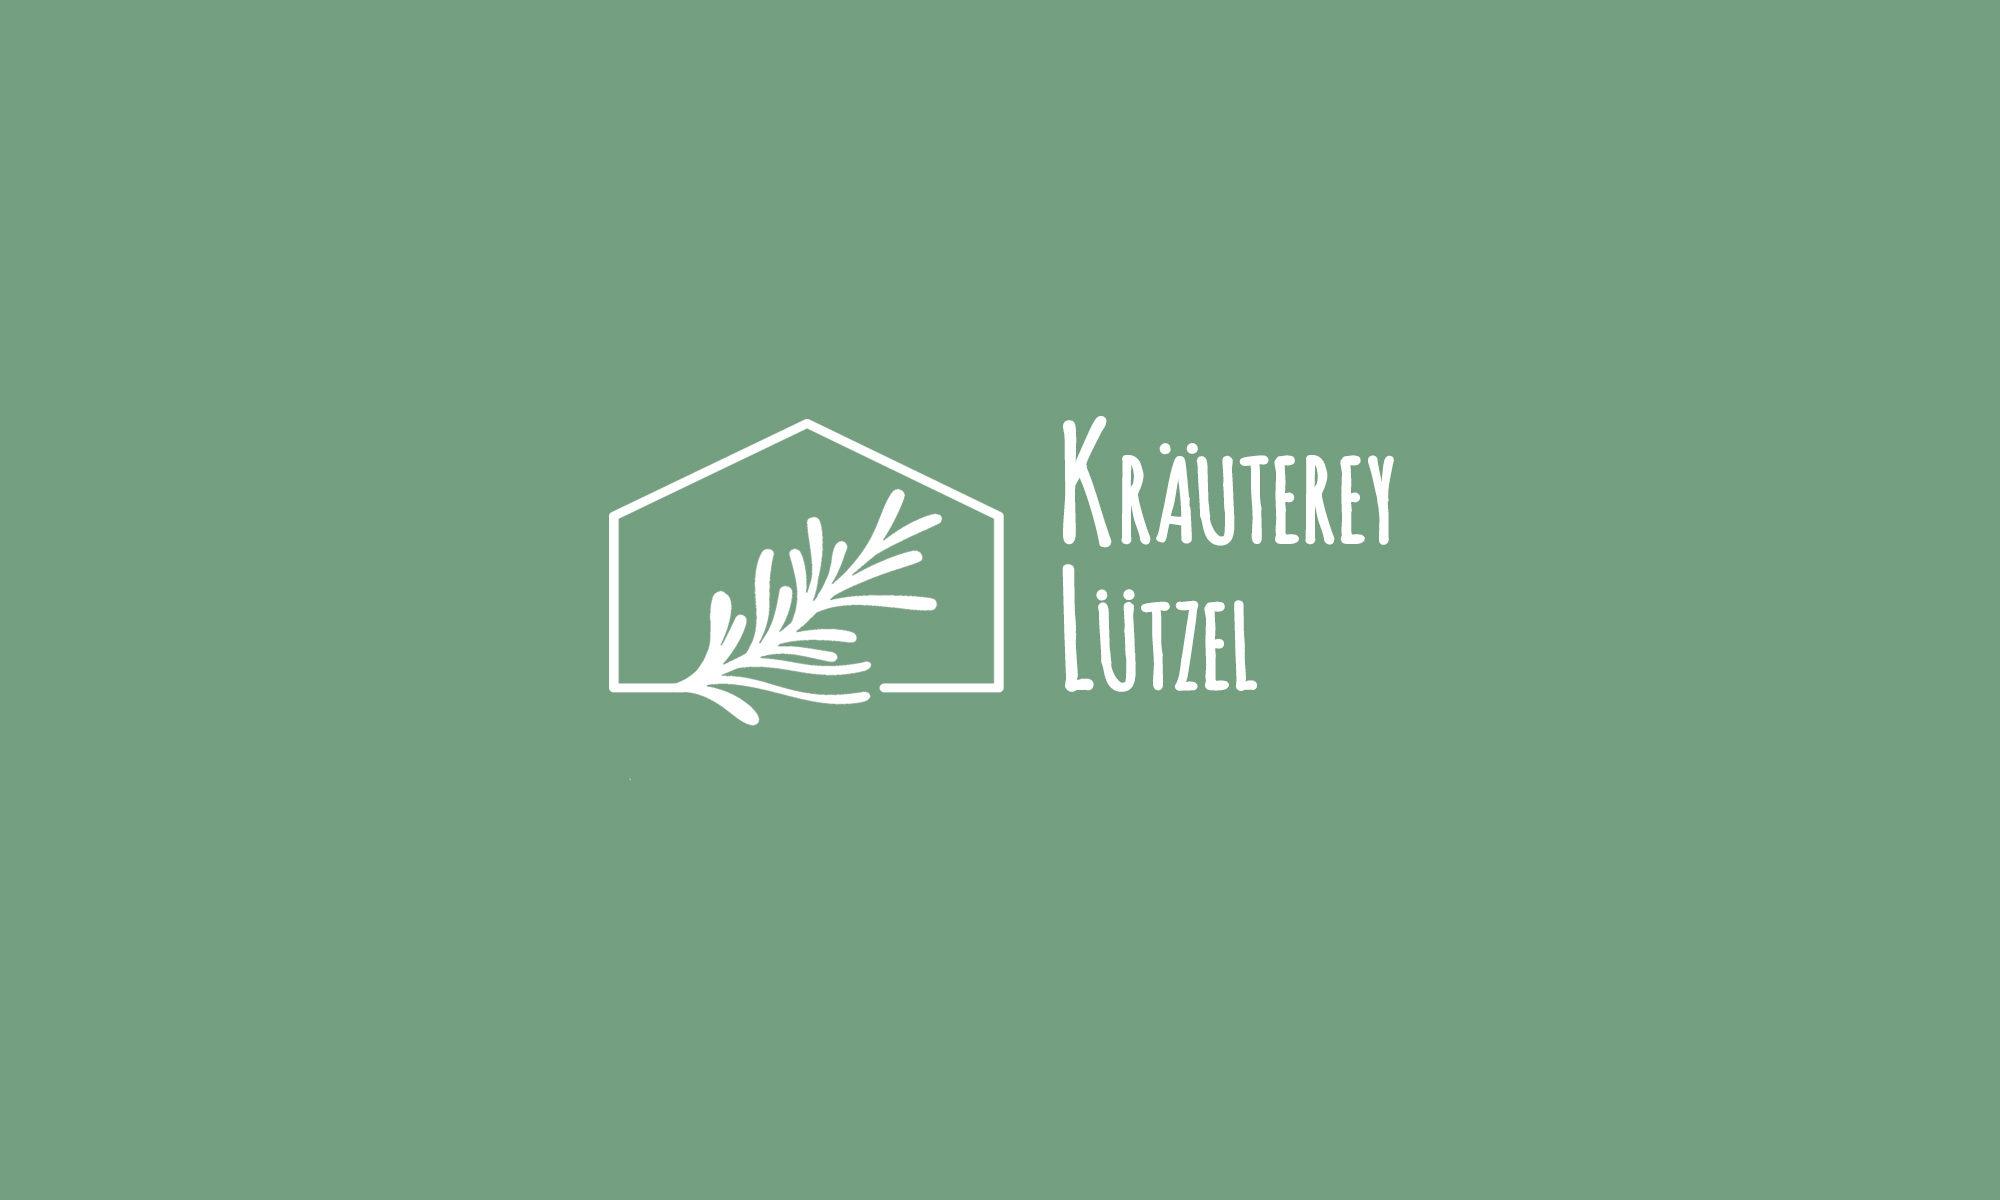 Kräuterey Lützel